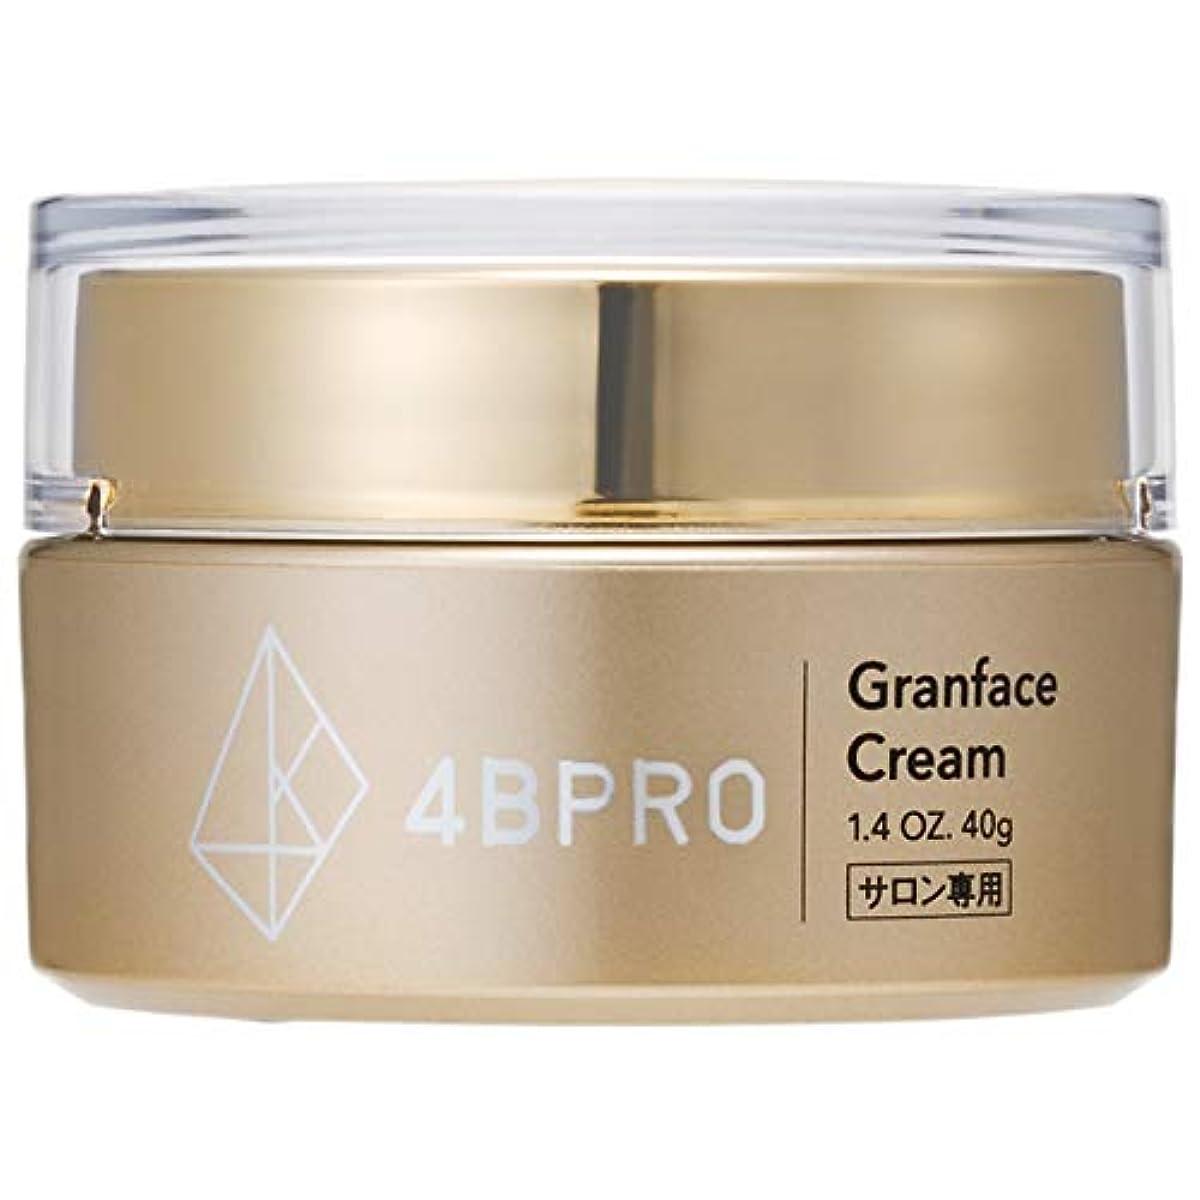 ティッシュ軍団レンチ4BPRO GranFace Cream(フォービープロ グランフェイスクリーム)フェイスクリーム 高浸透型ヒアルロン酸、抗炎症、抗酸化、美白美容成分配合 40g